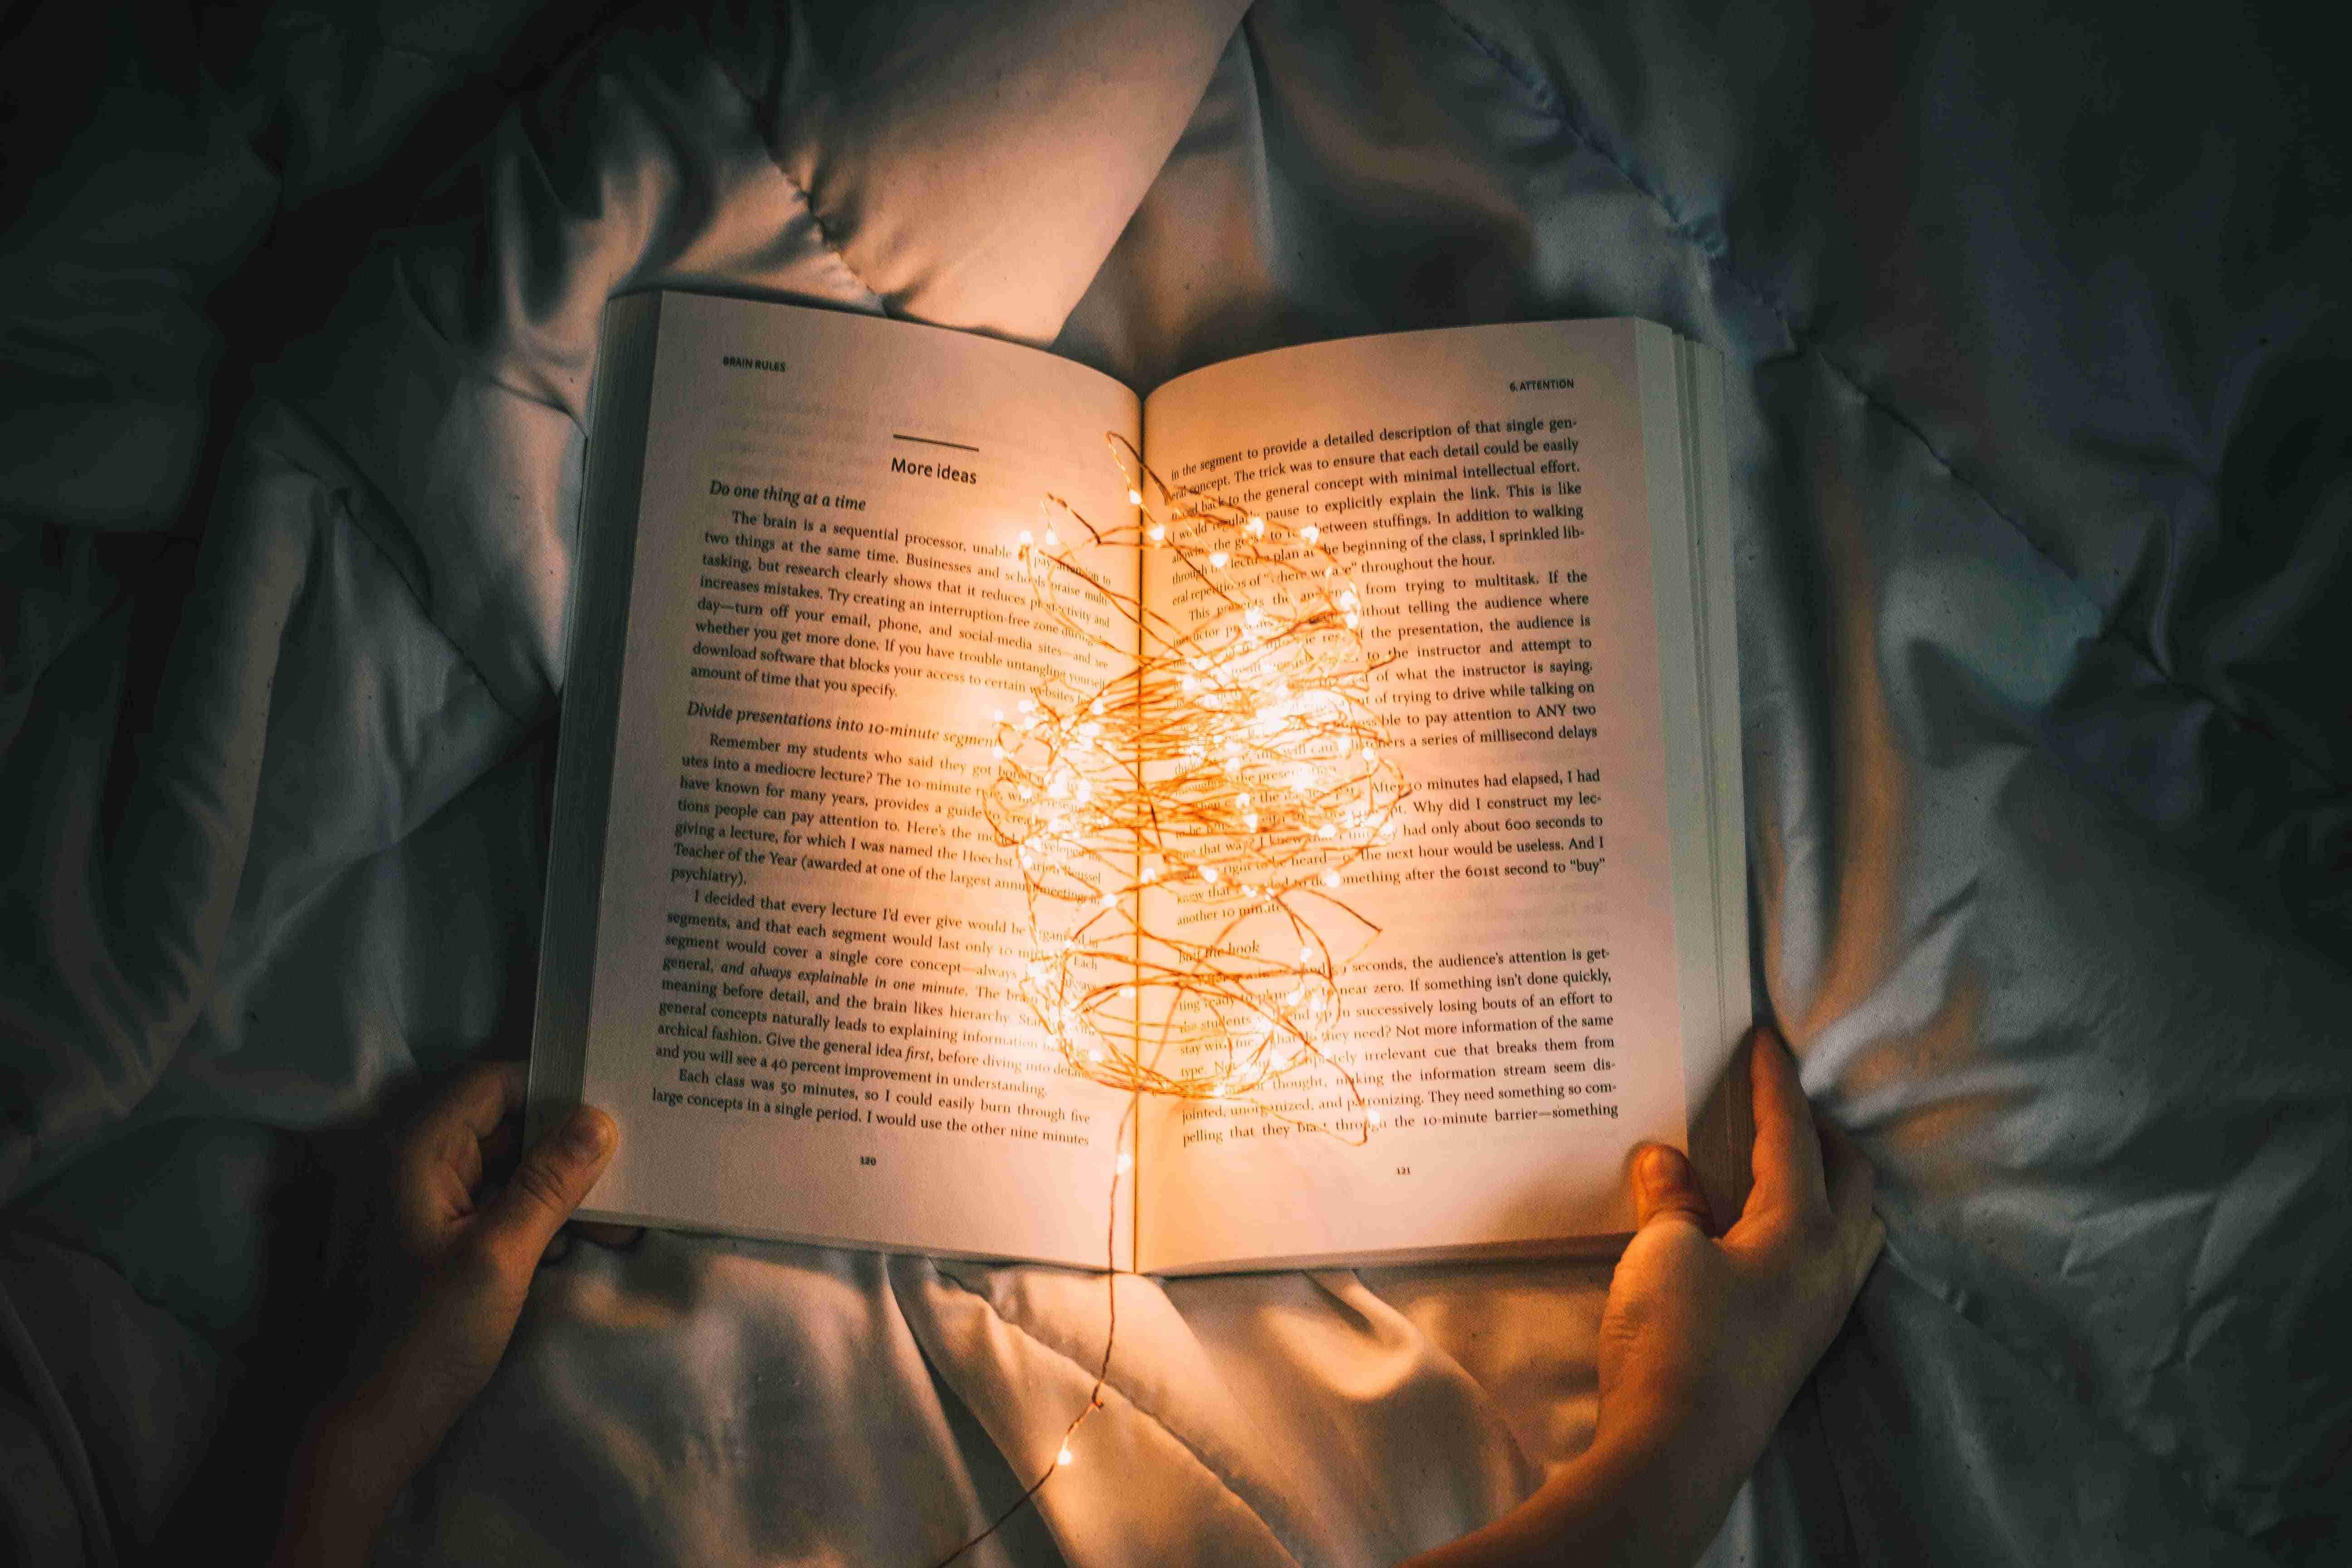 Apprendre l'anglais grâce aux livres